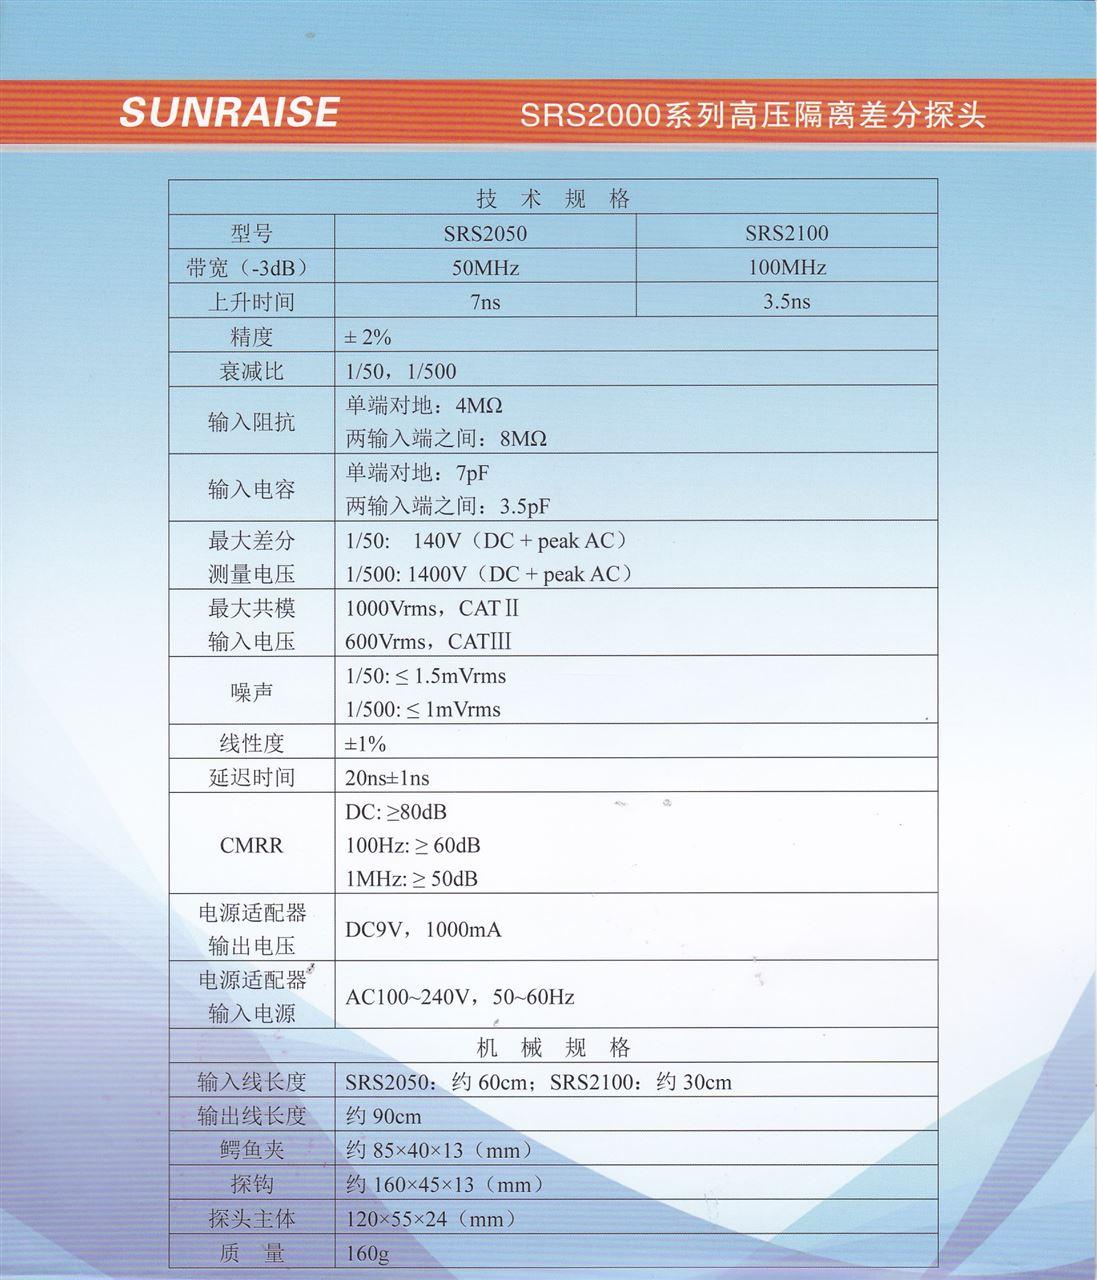 应用场合类似泰克差分探头P5205A|Sunraise探头-南京桑润斯电子科技有限公司